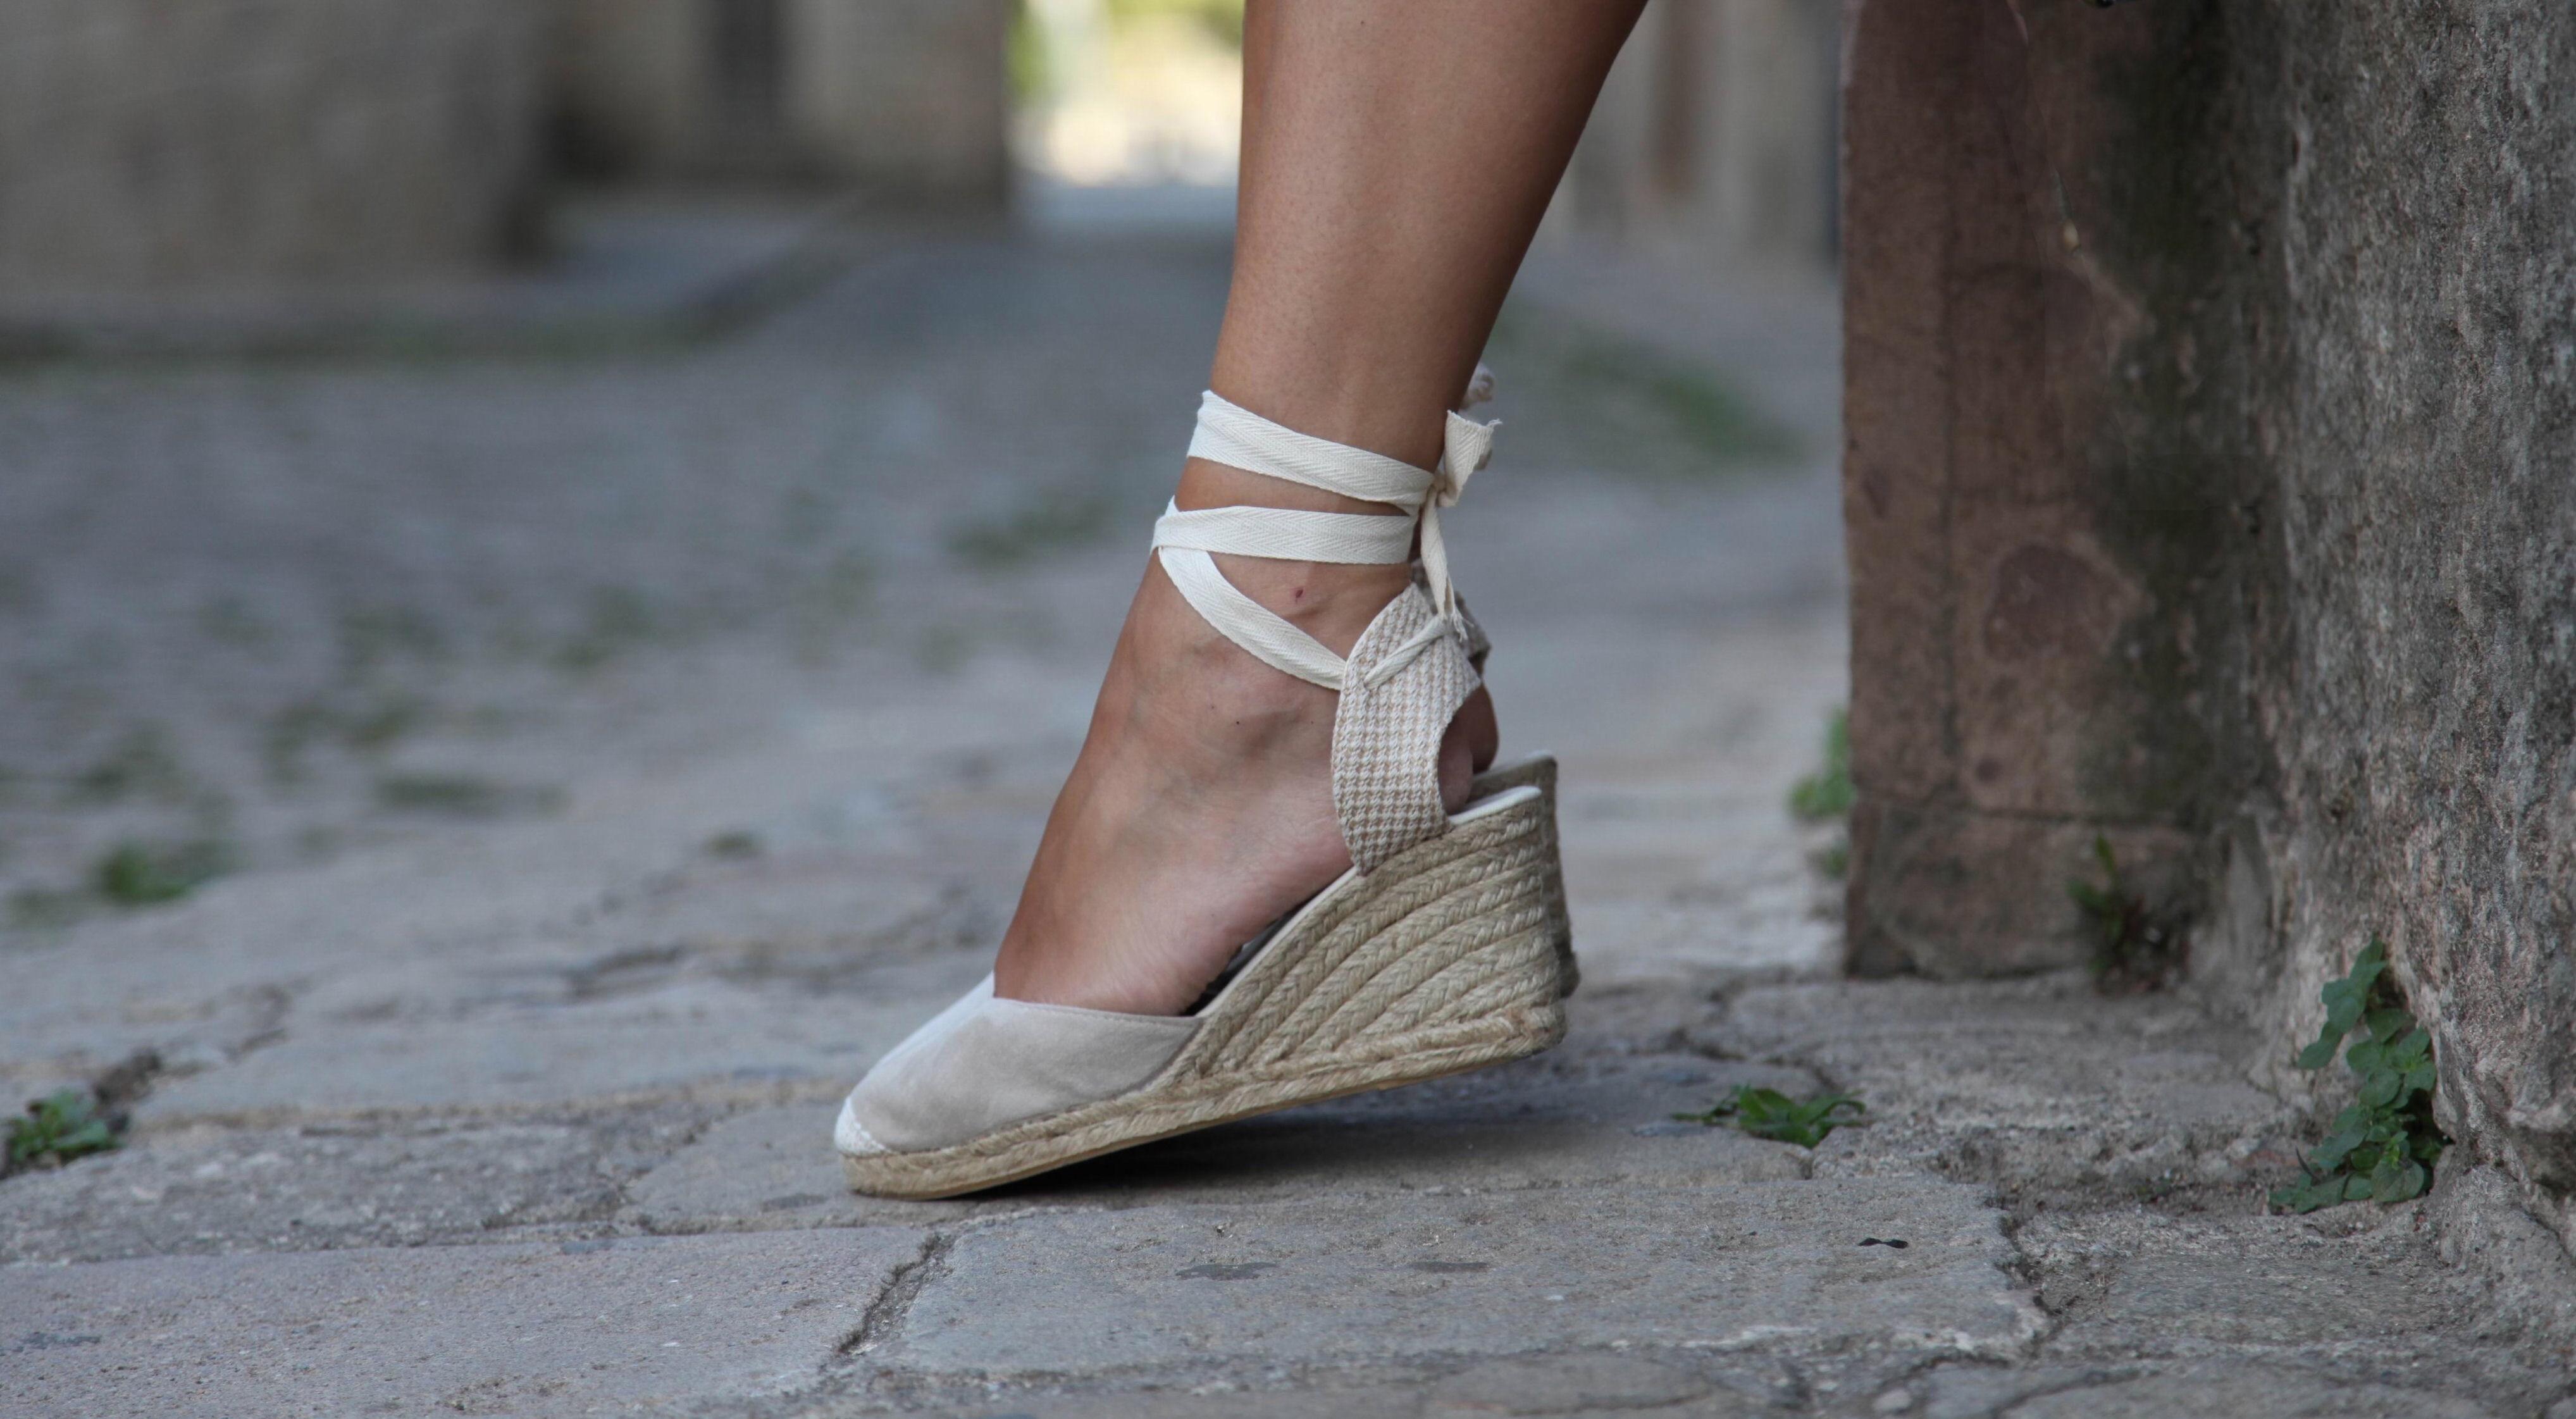 La alpargata o esparteña o espardeña es un tipo de calzado de hilado de fibras naturales como el, algodón, pieles de animal o lona con suela de esparto,